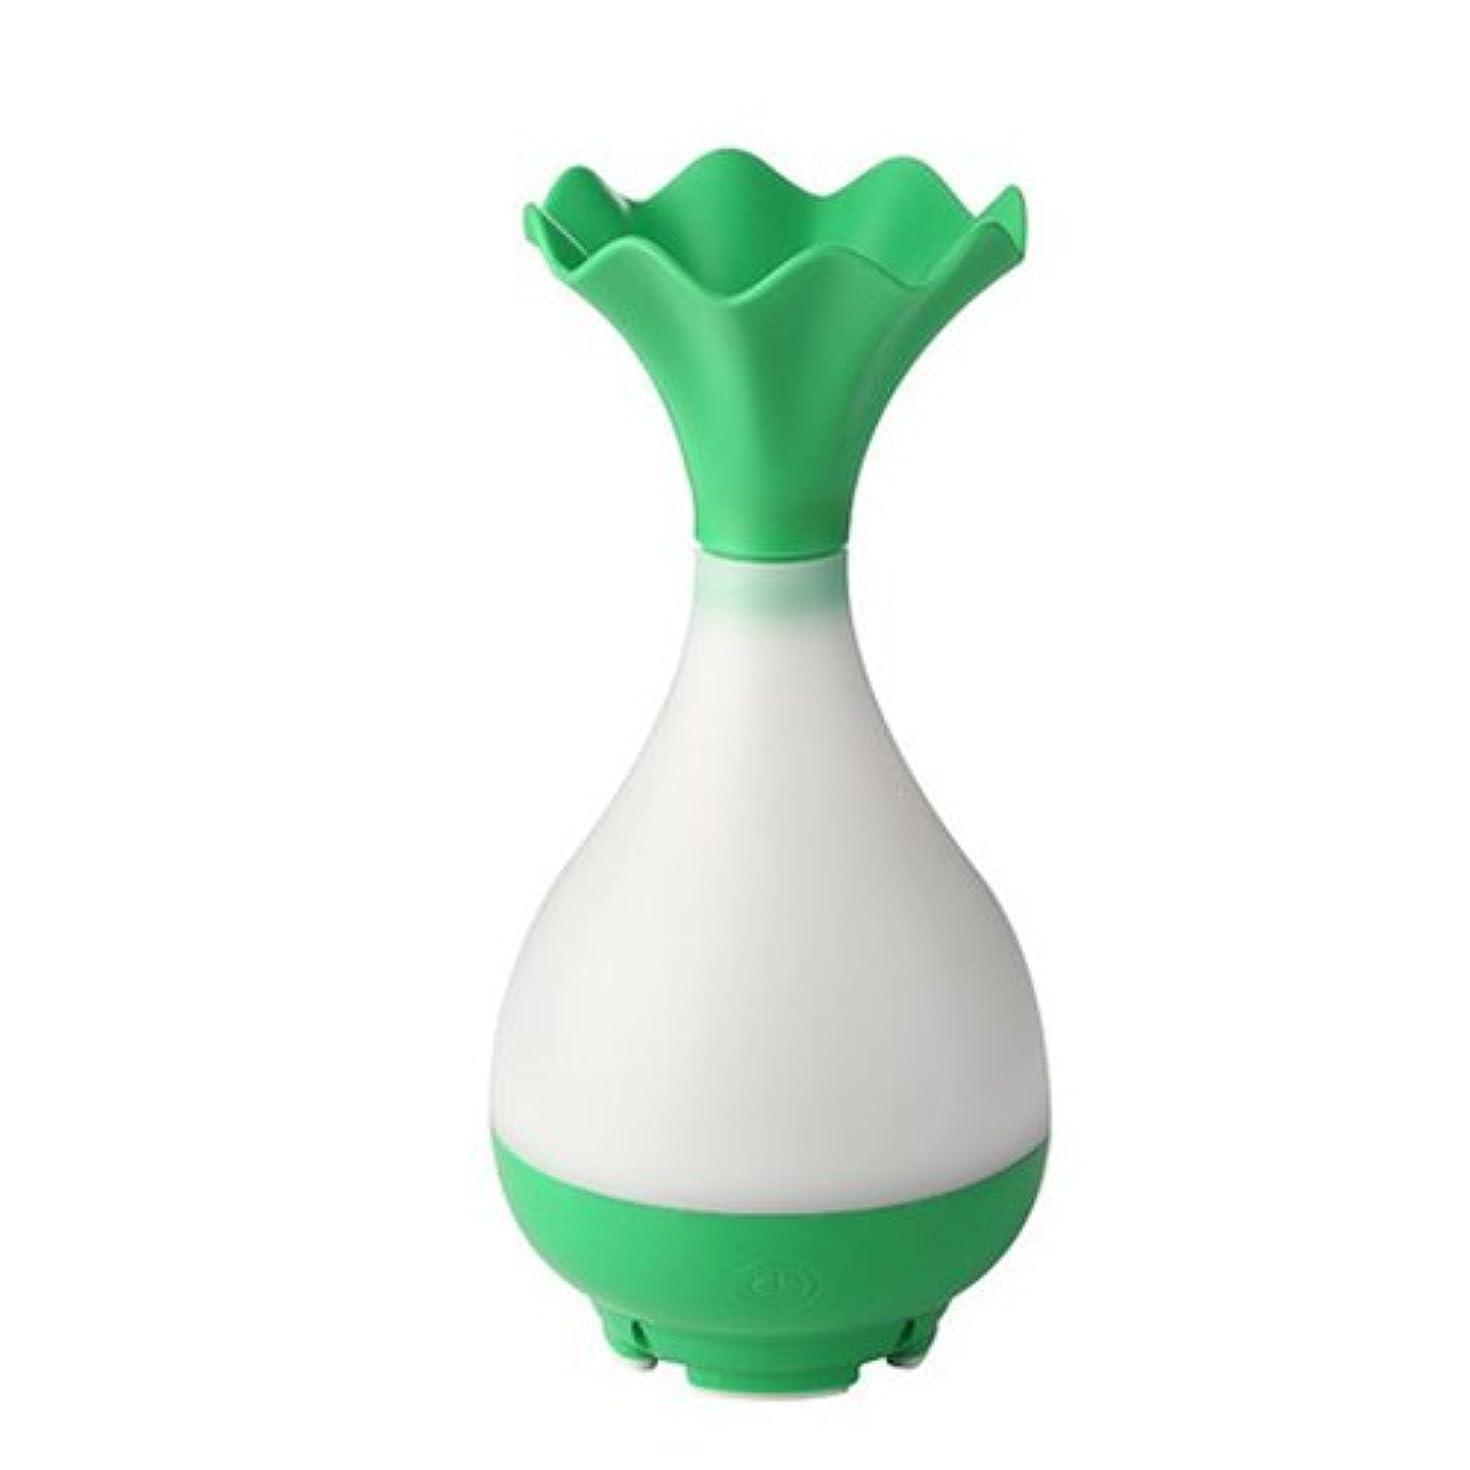 サポート地獄励起Mystic Moments | Green Vase Bottle USB Aromatherapy Oil Humidifier Diffuser with LED Lighting